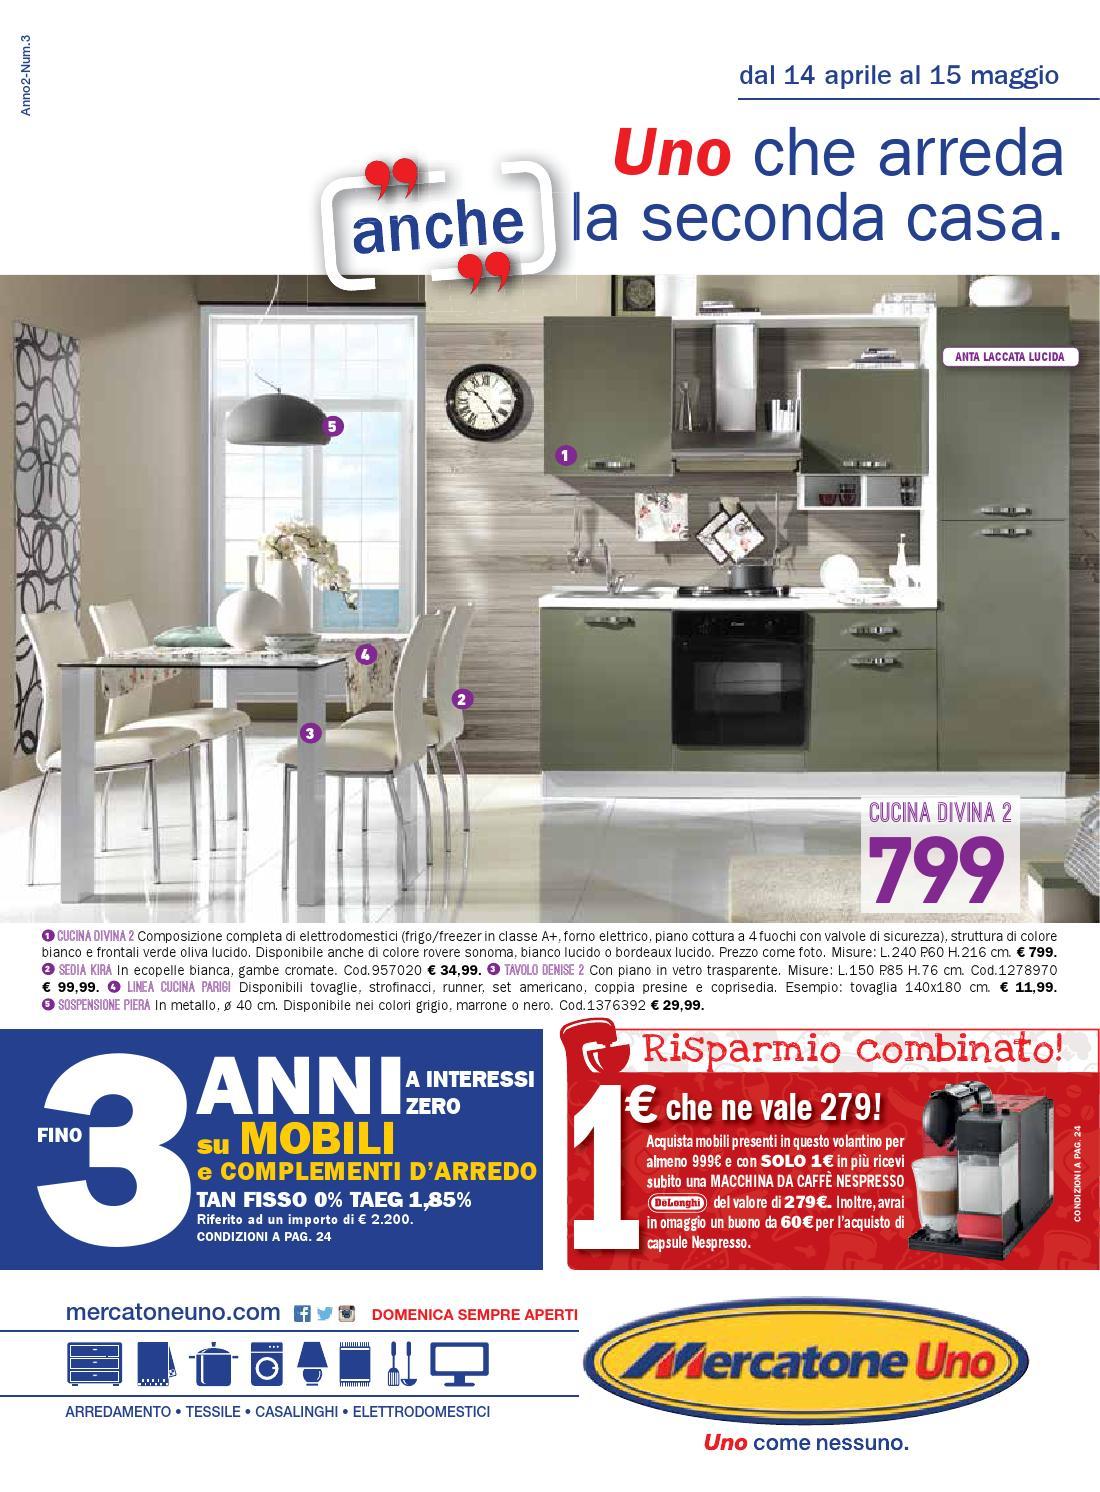 Mercatoneuno 15mag by volavolantino issuu - Mercatone uno cucine offerte ...